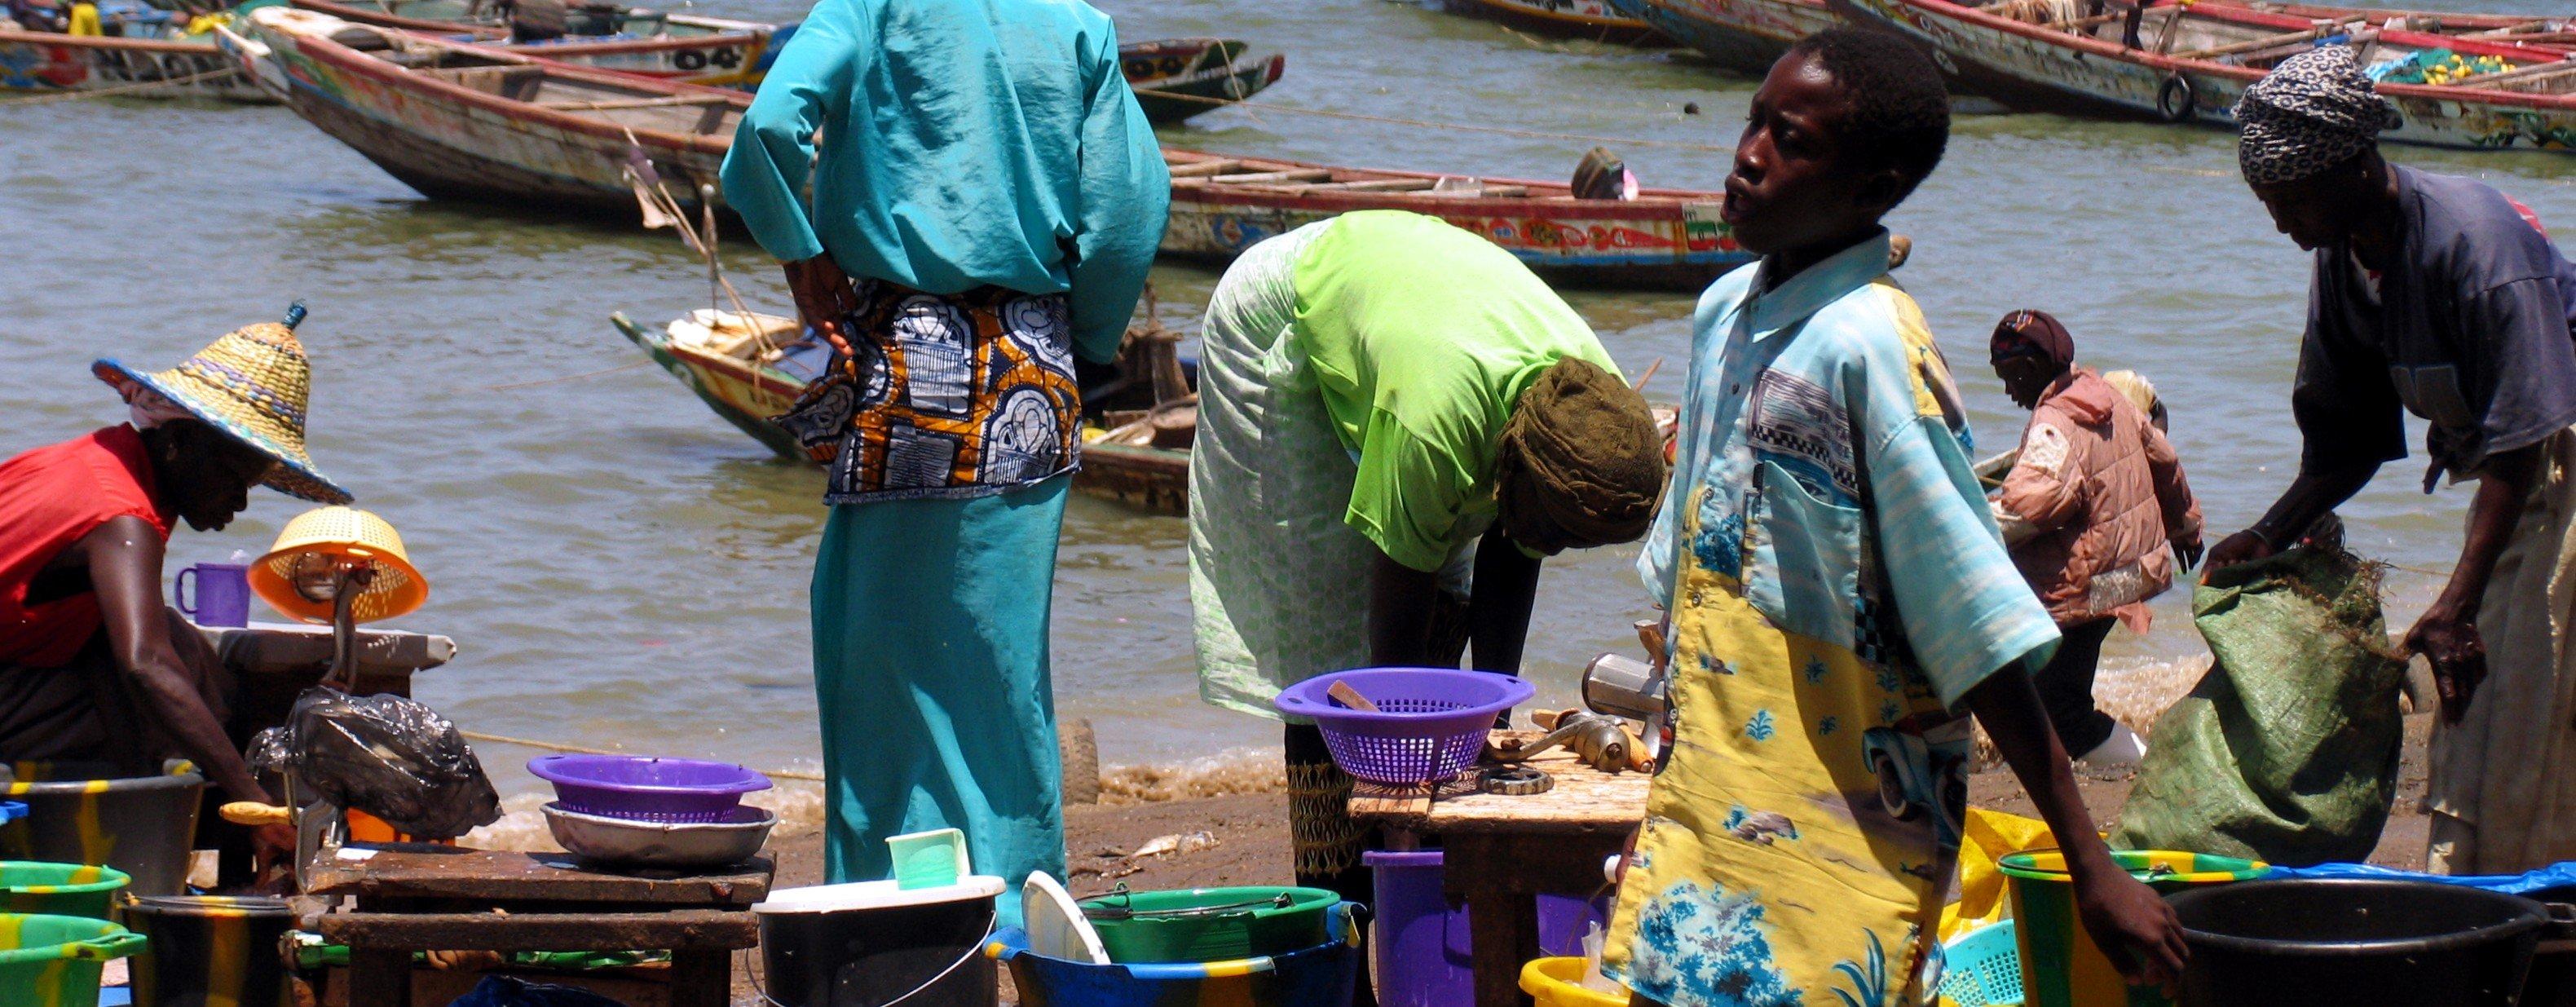 Pesca artesanal. en el puerto de M'bour (Senegal) en 2004.